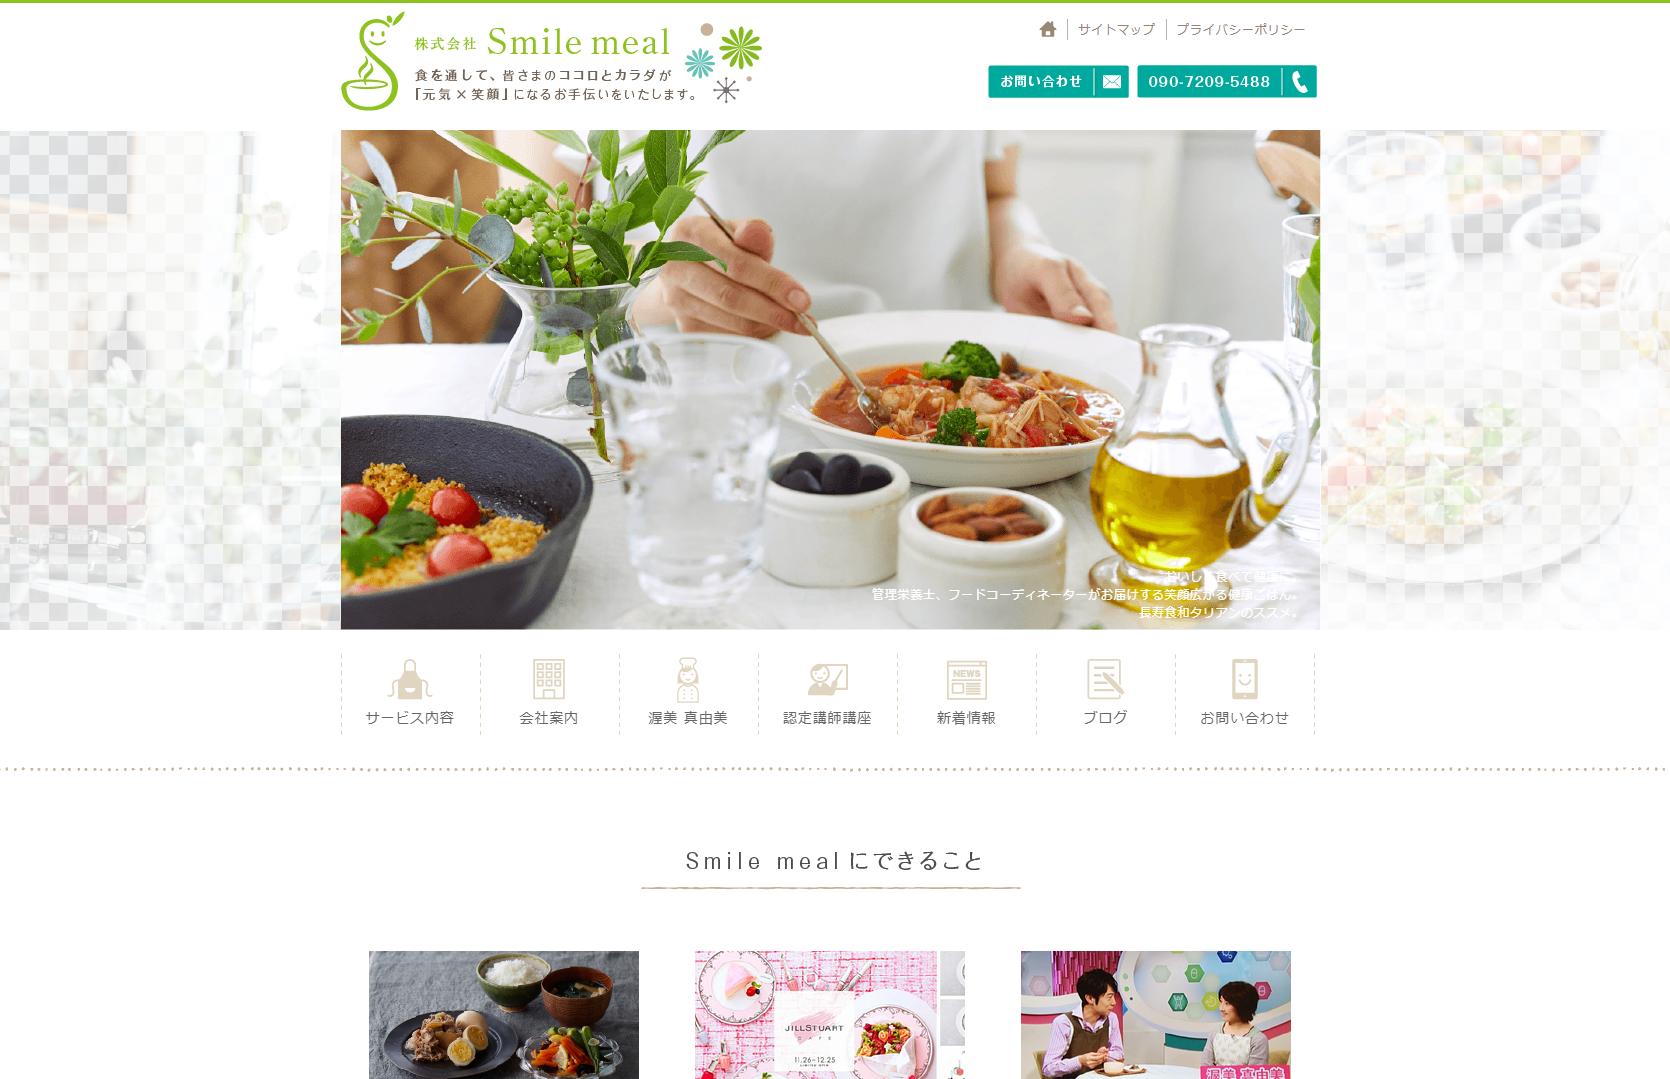 株式会社 Smile mealのサイトイメージ